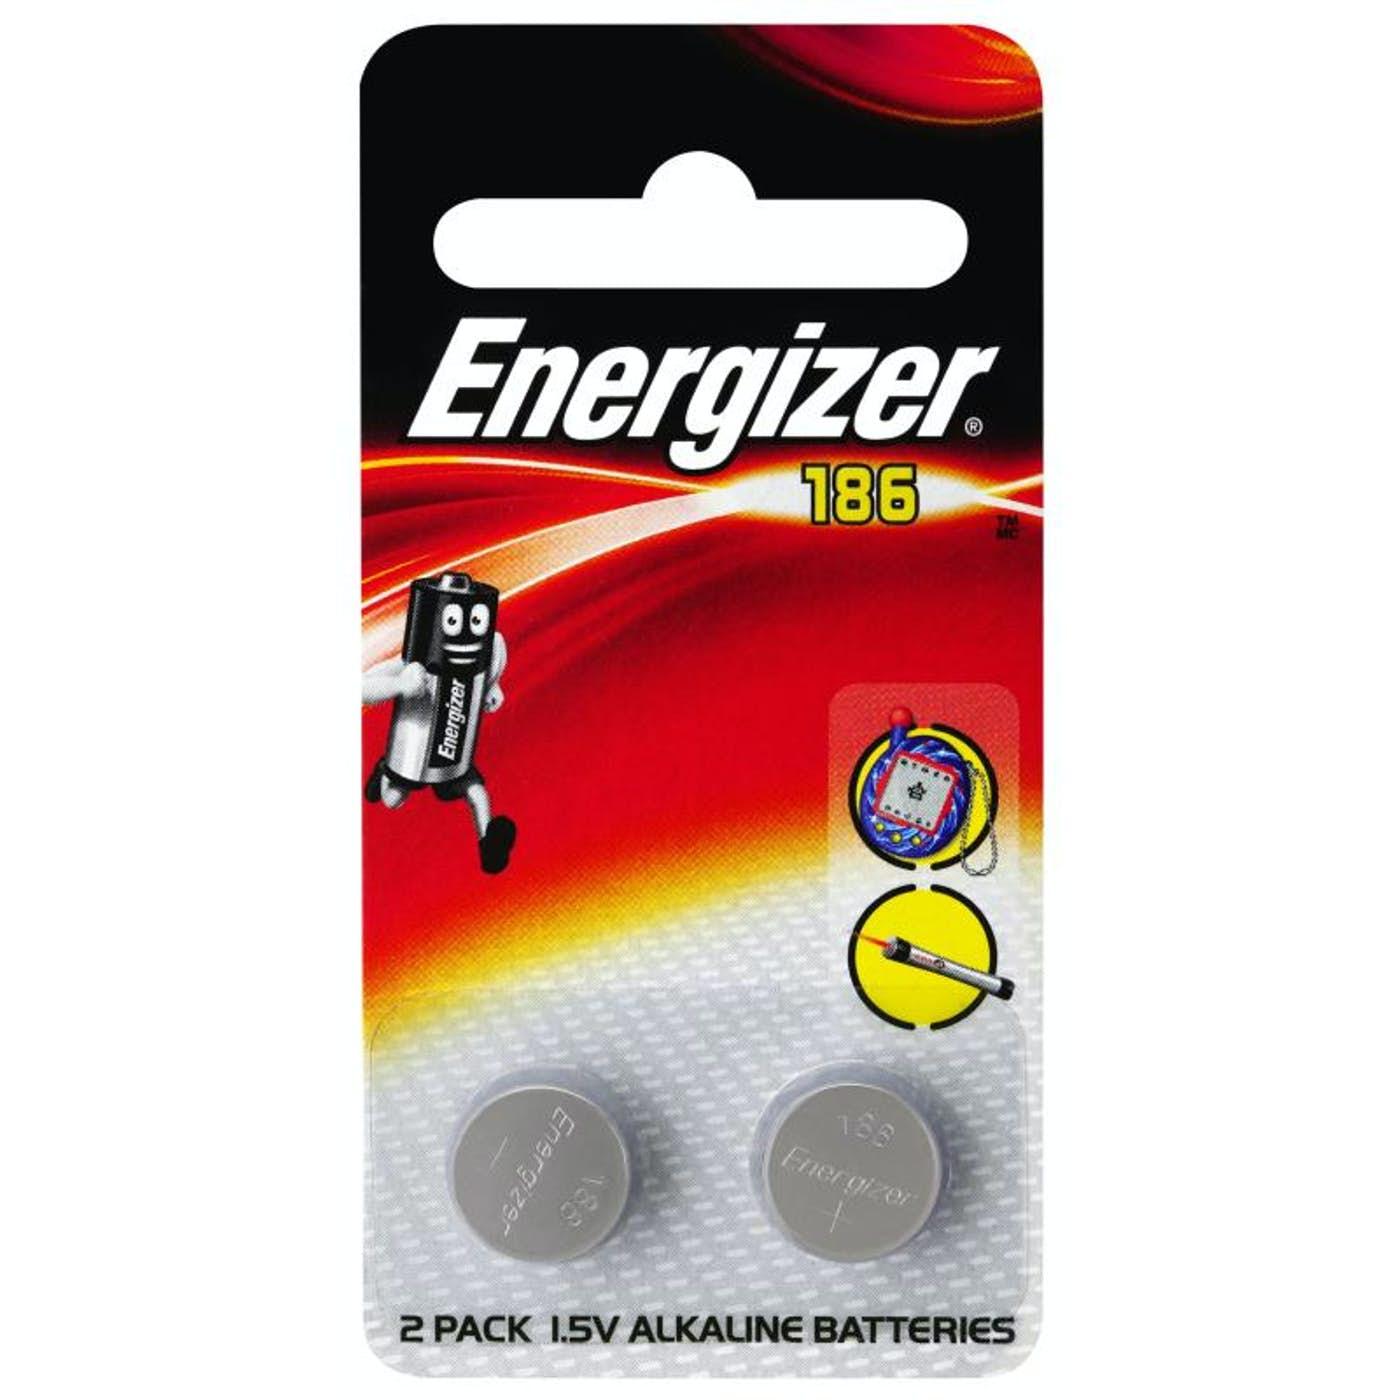 ENERGIZER 186 CALCULATOR BUTTON BATTERY  PKT 2